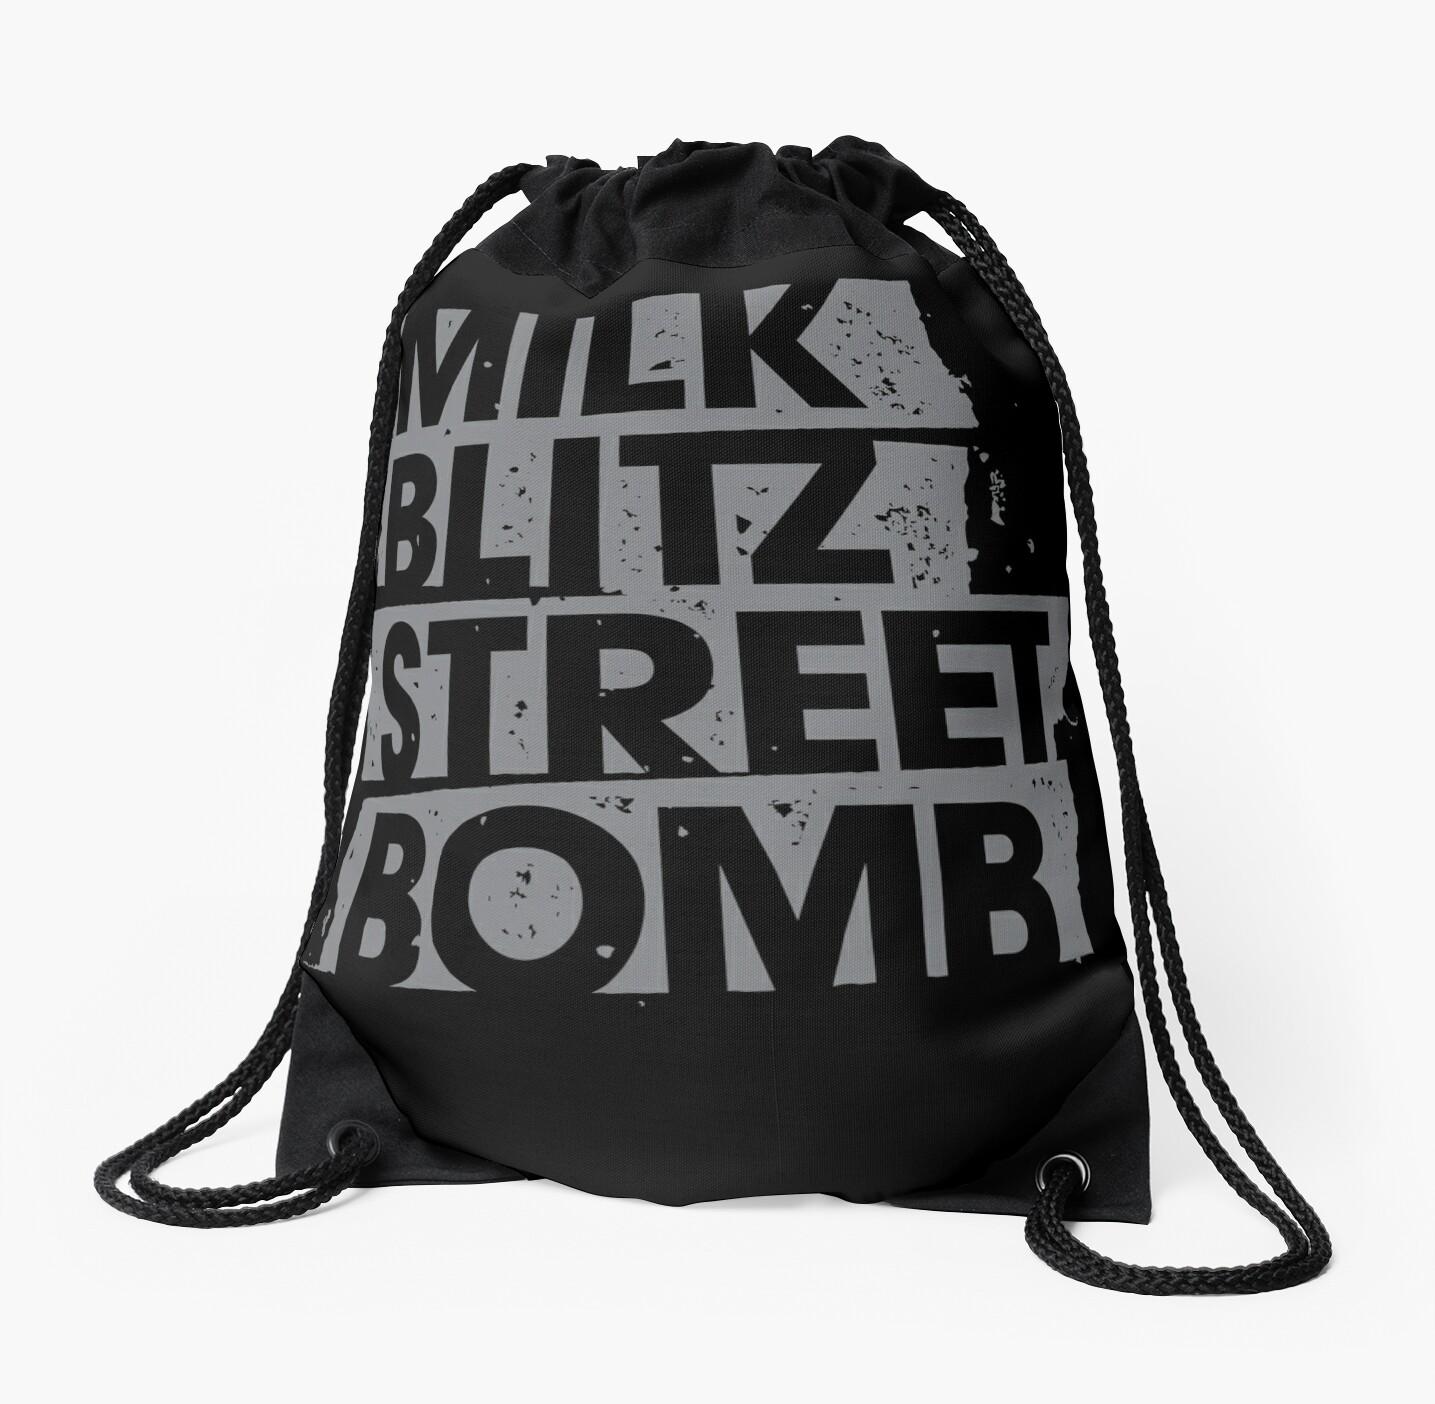 Milk.Blitz.Street.Bomb. Eroded Logo by milkblitz